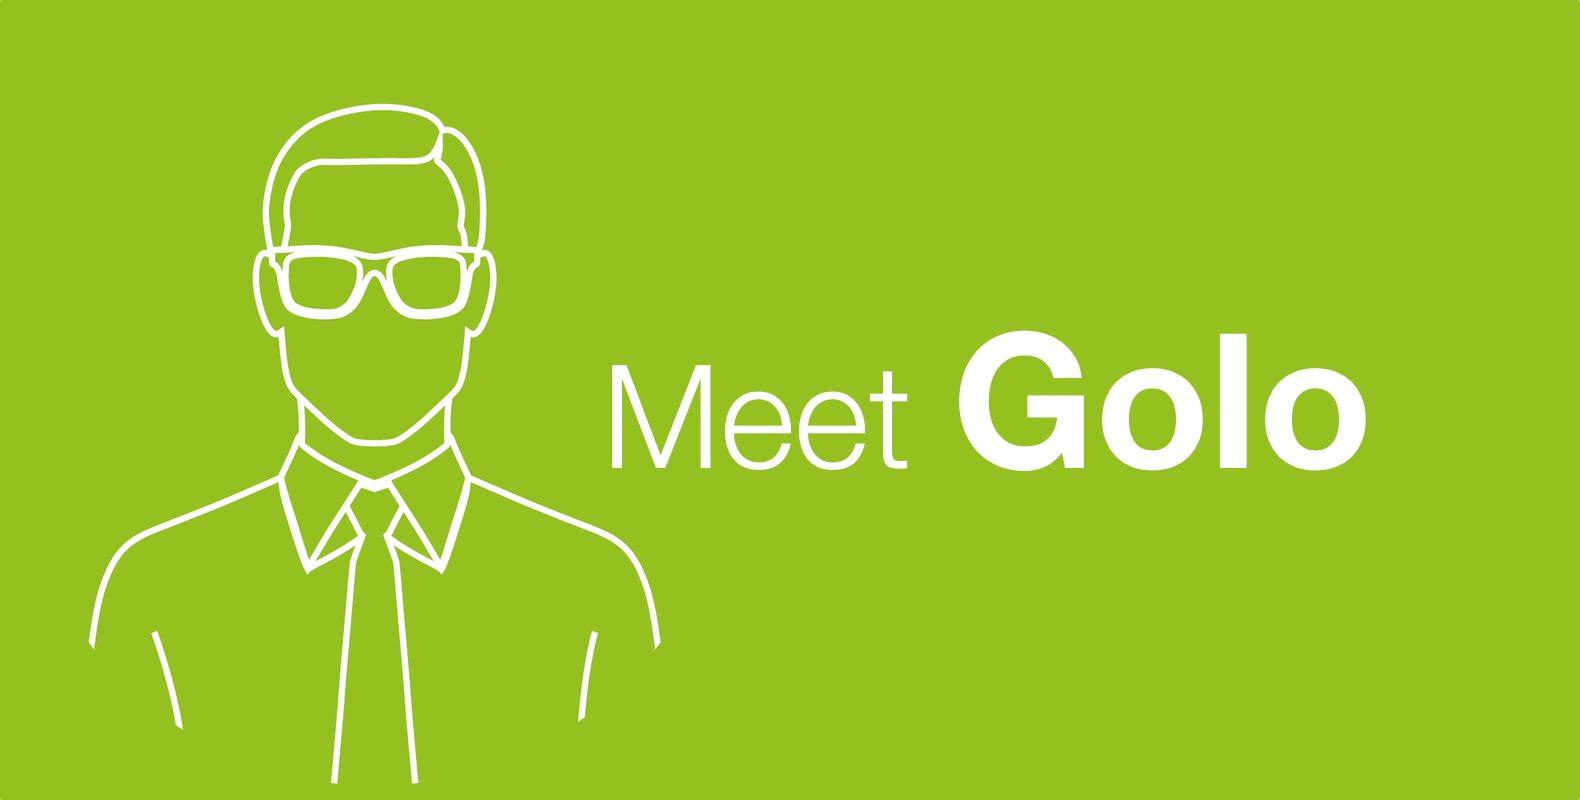 meet_golo.jpg